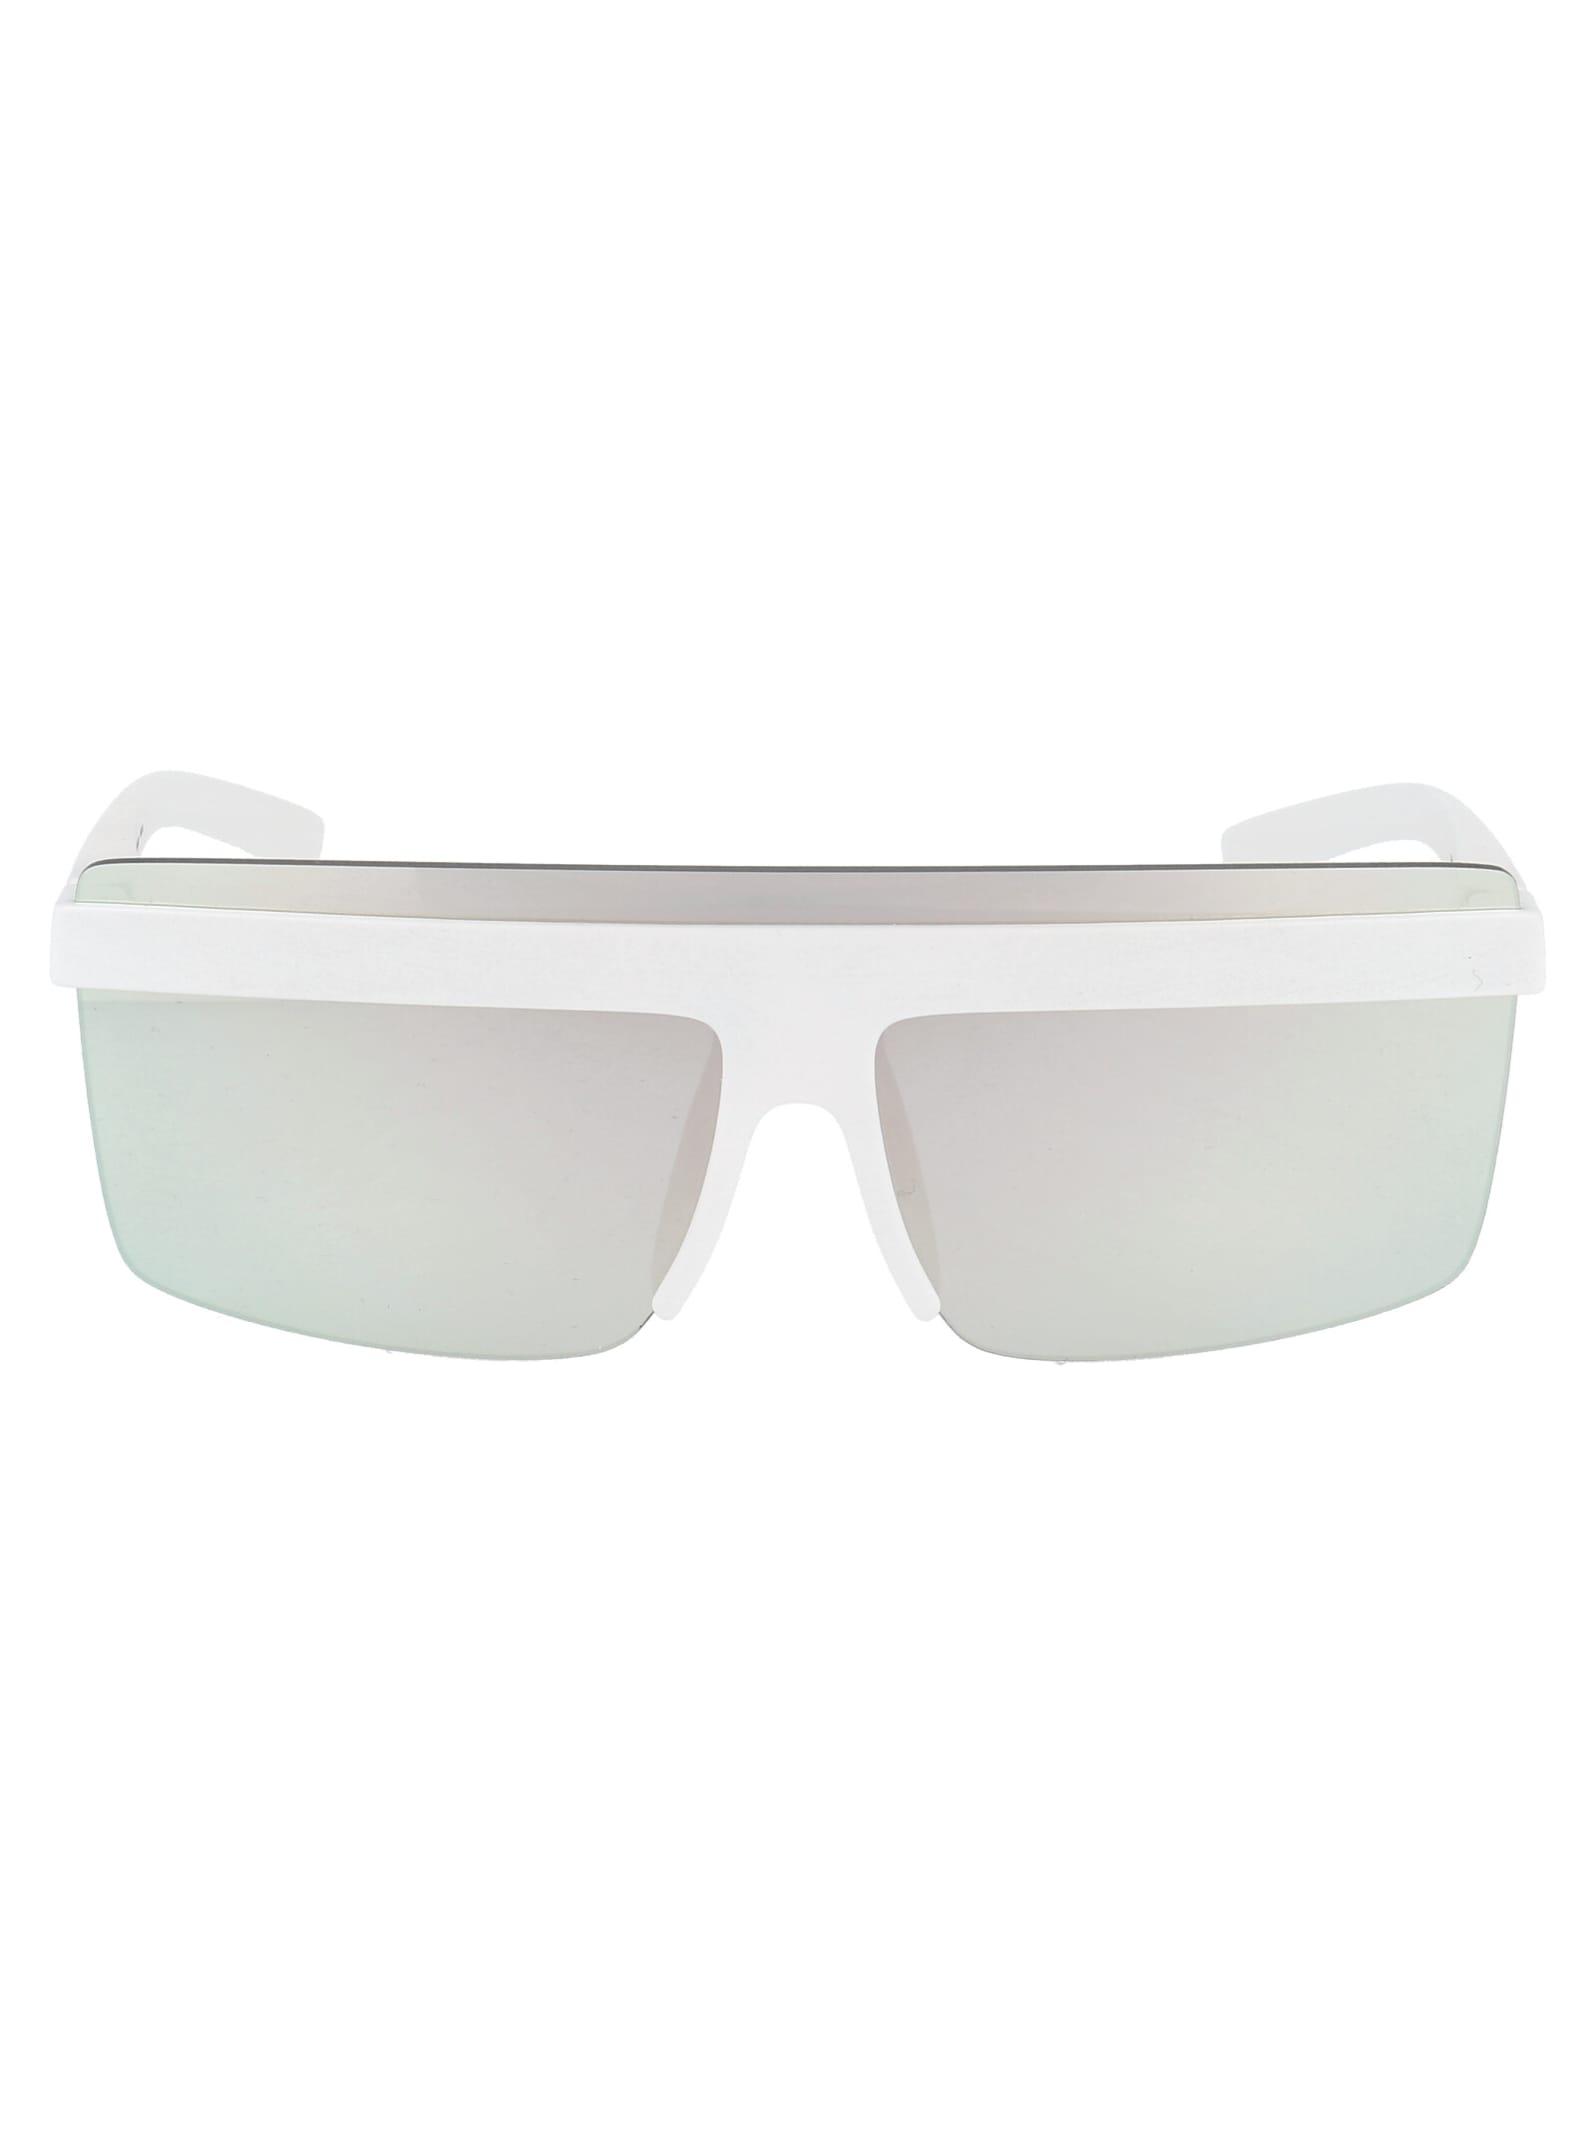 Mmcircle002 Sunglasses